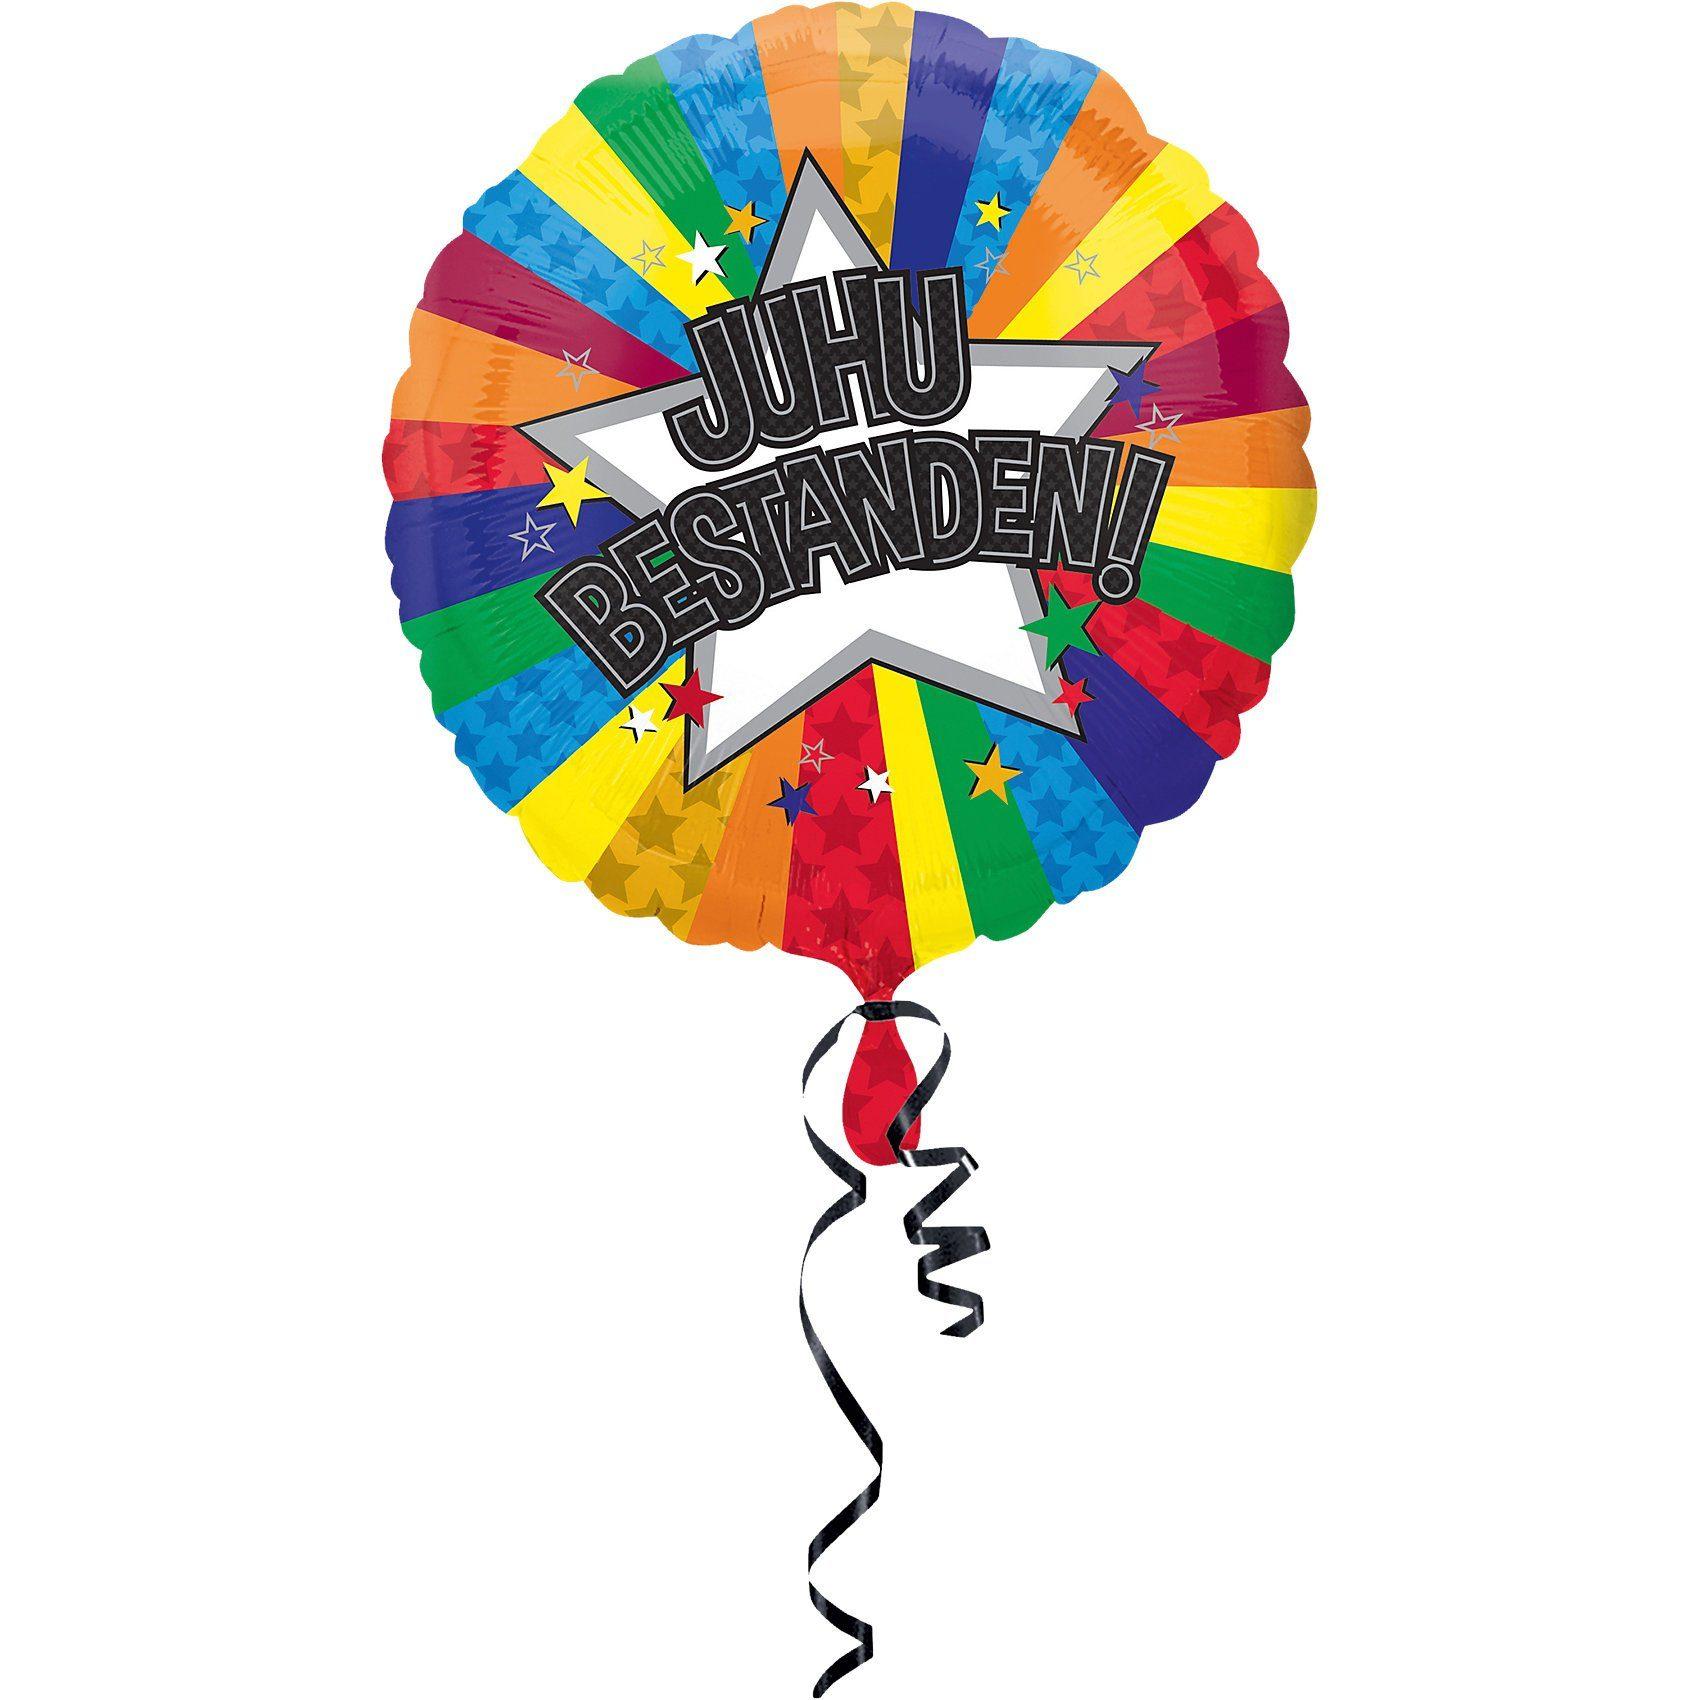 Amscan Folienballon Juhu Bestanden